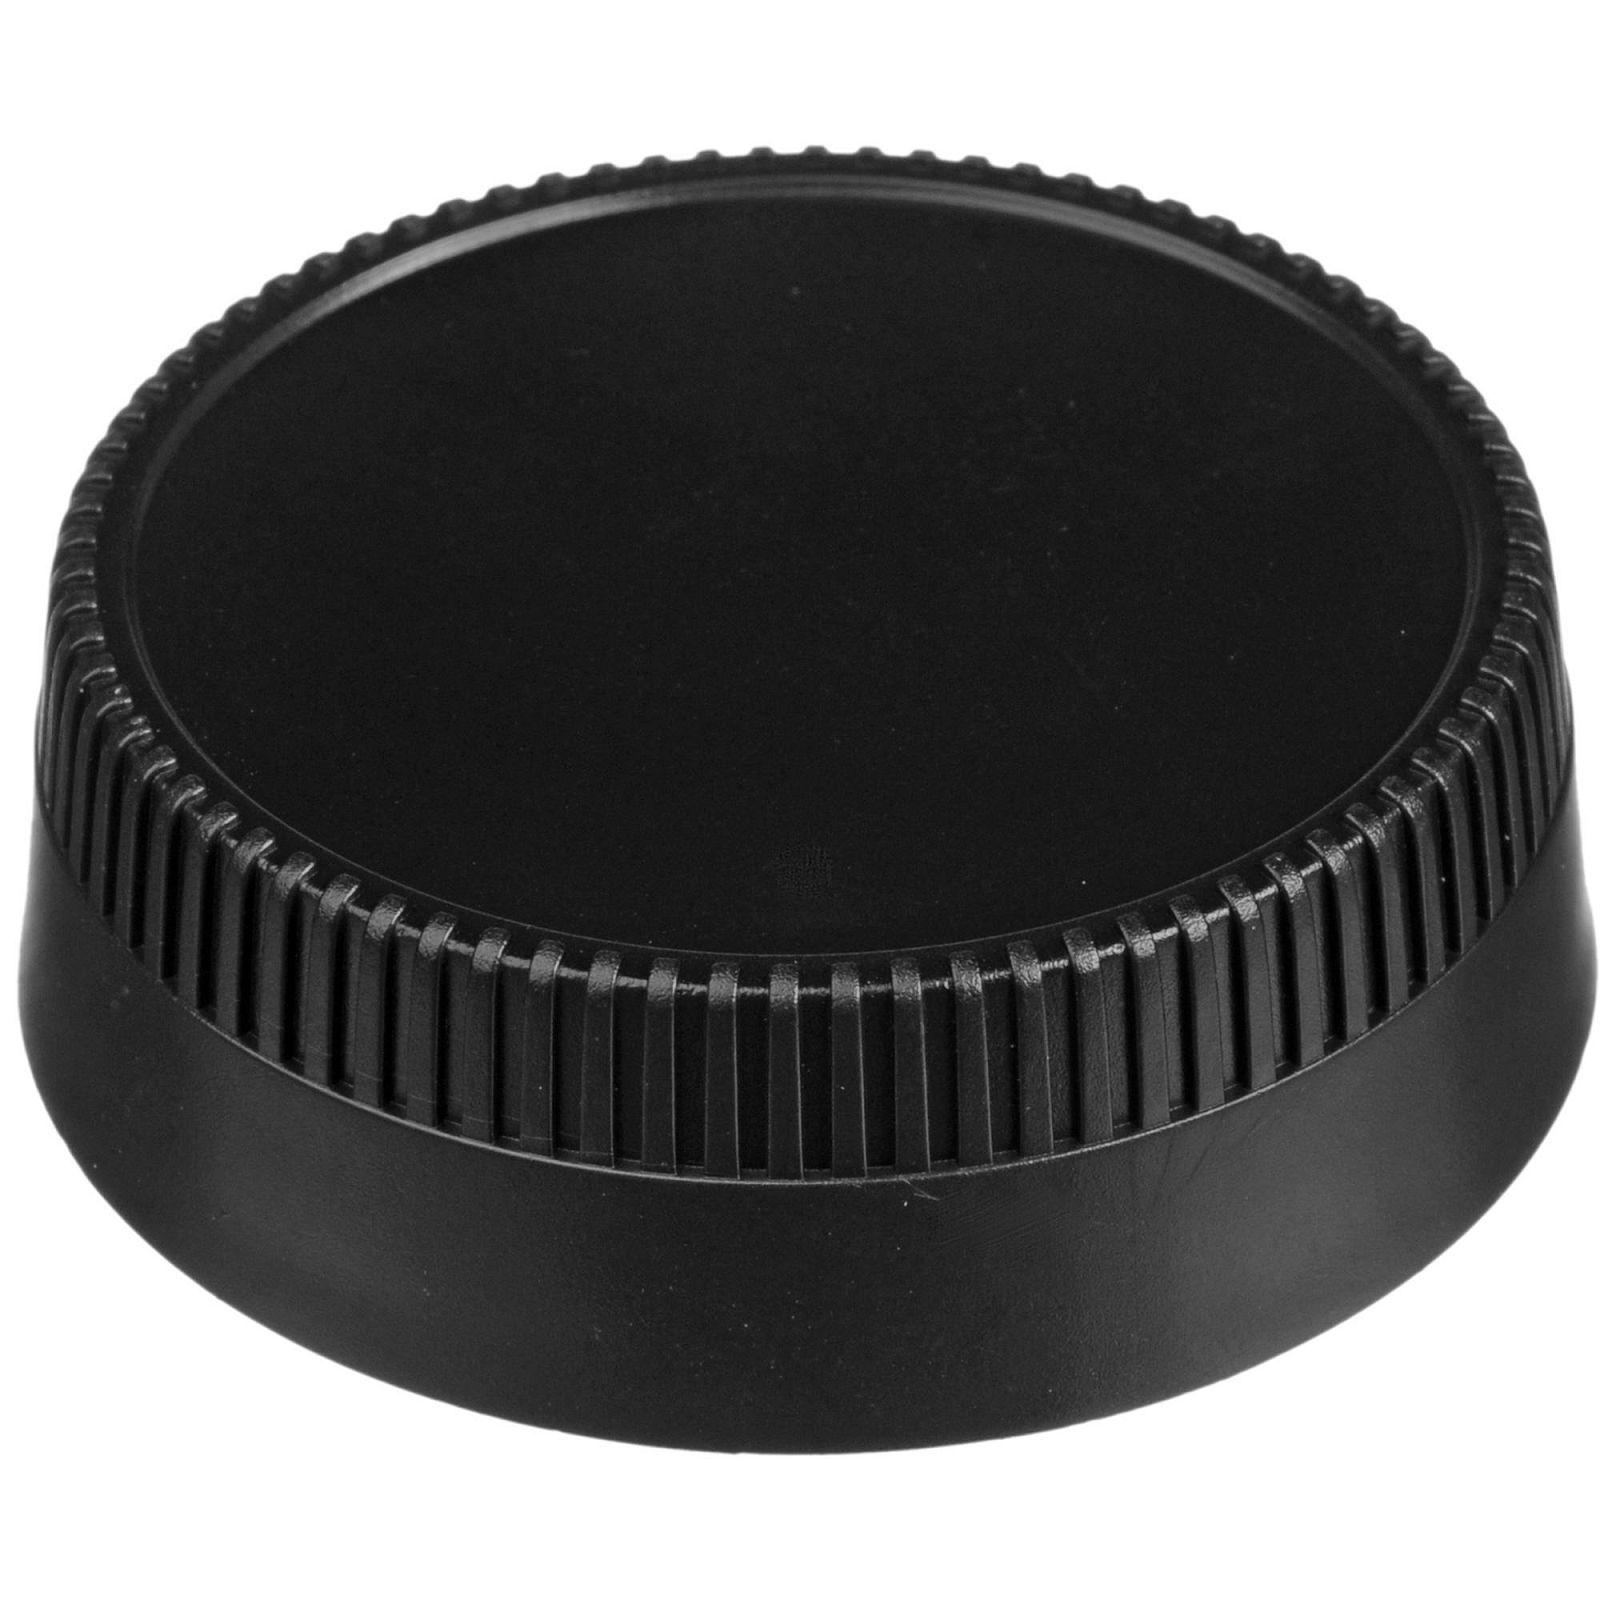 Stražnji poklopac objektiva za Nikon F mount